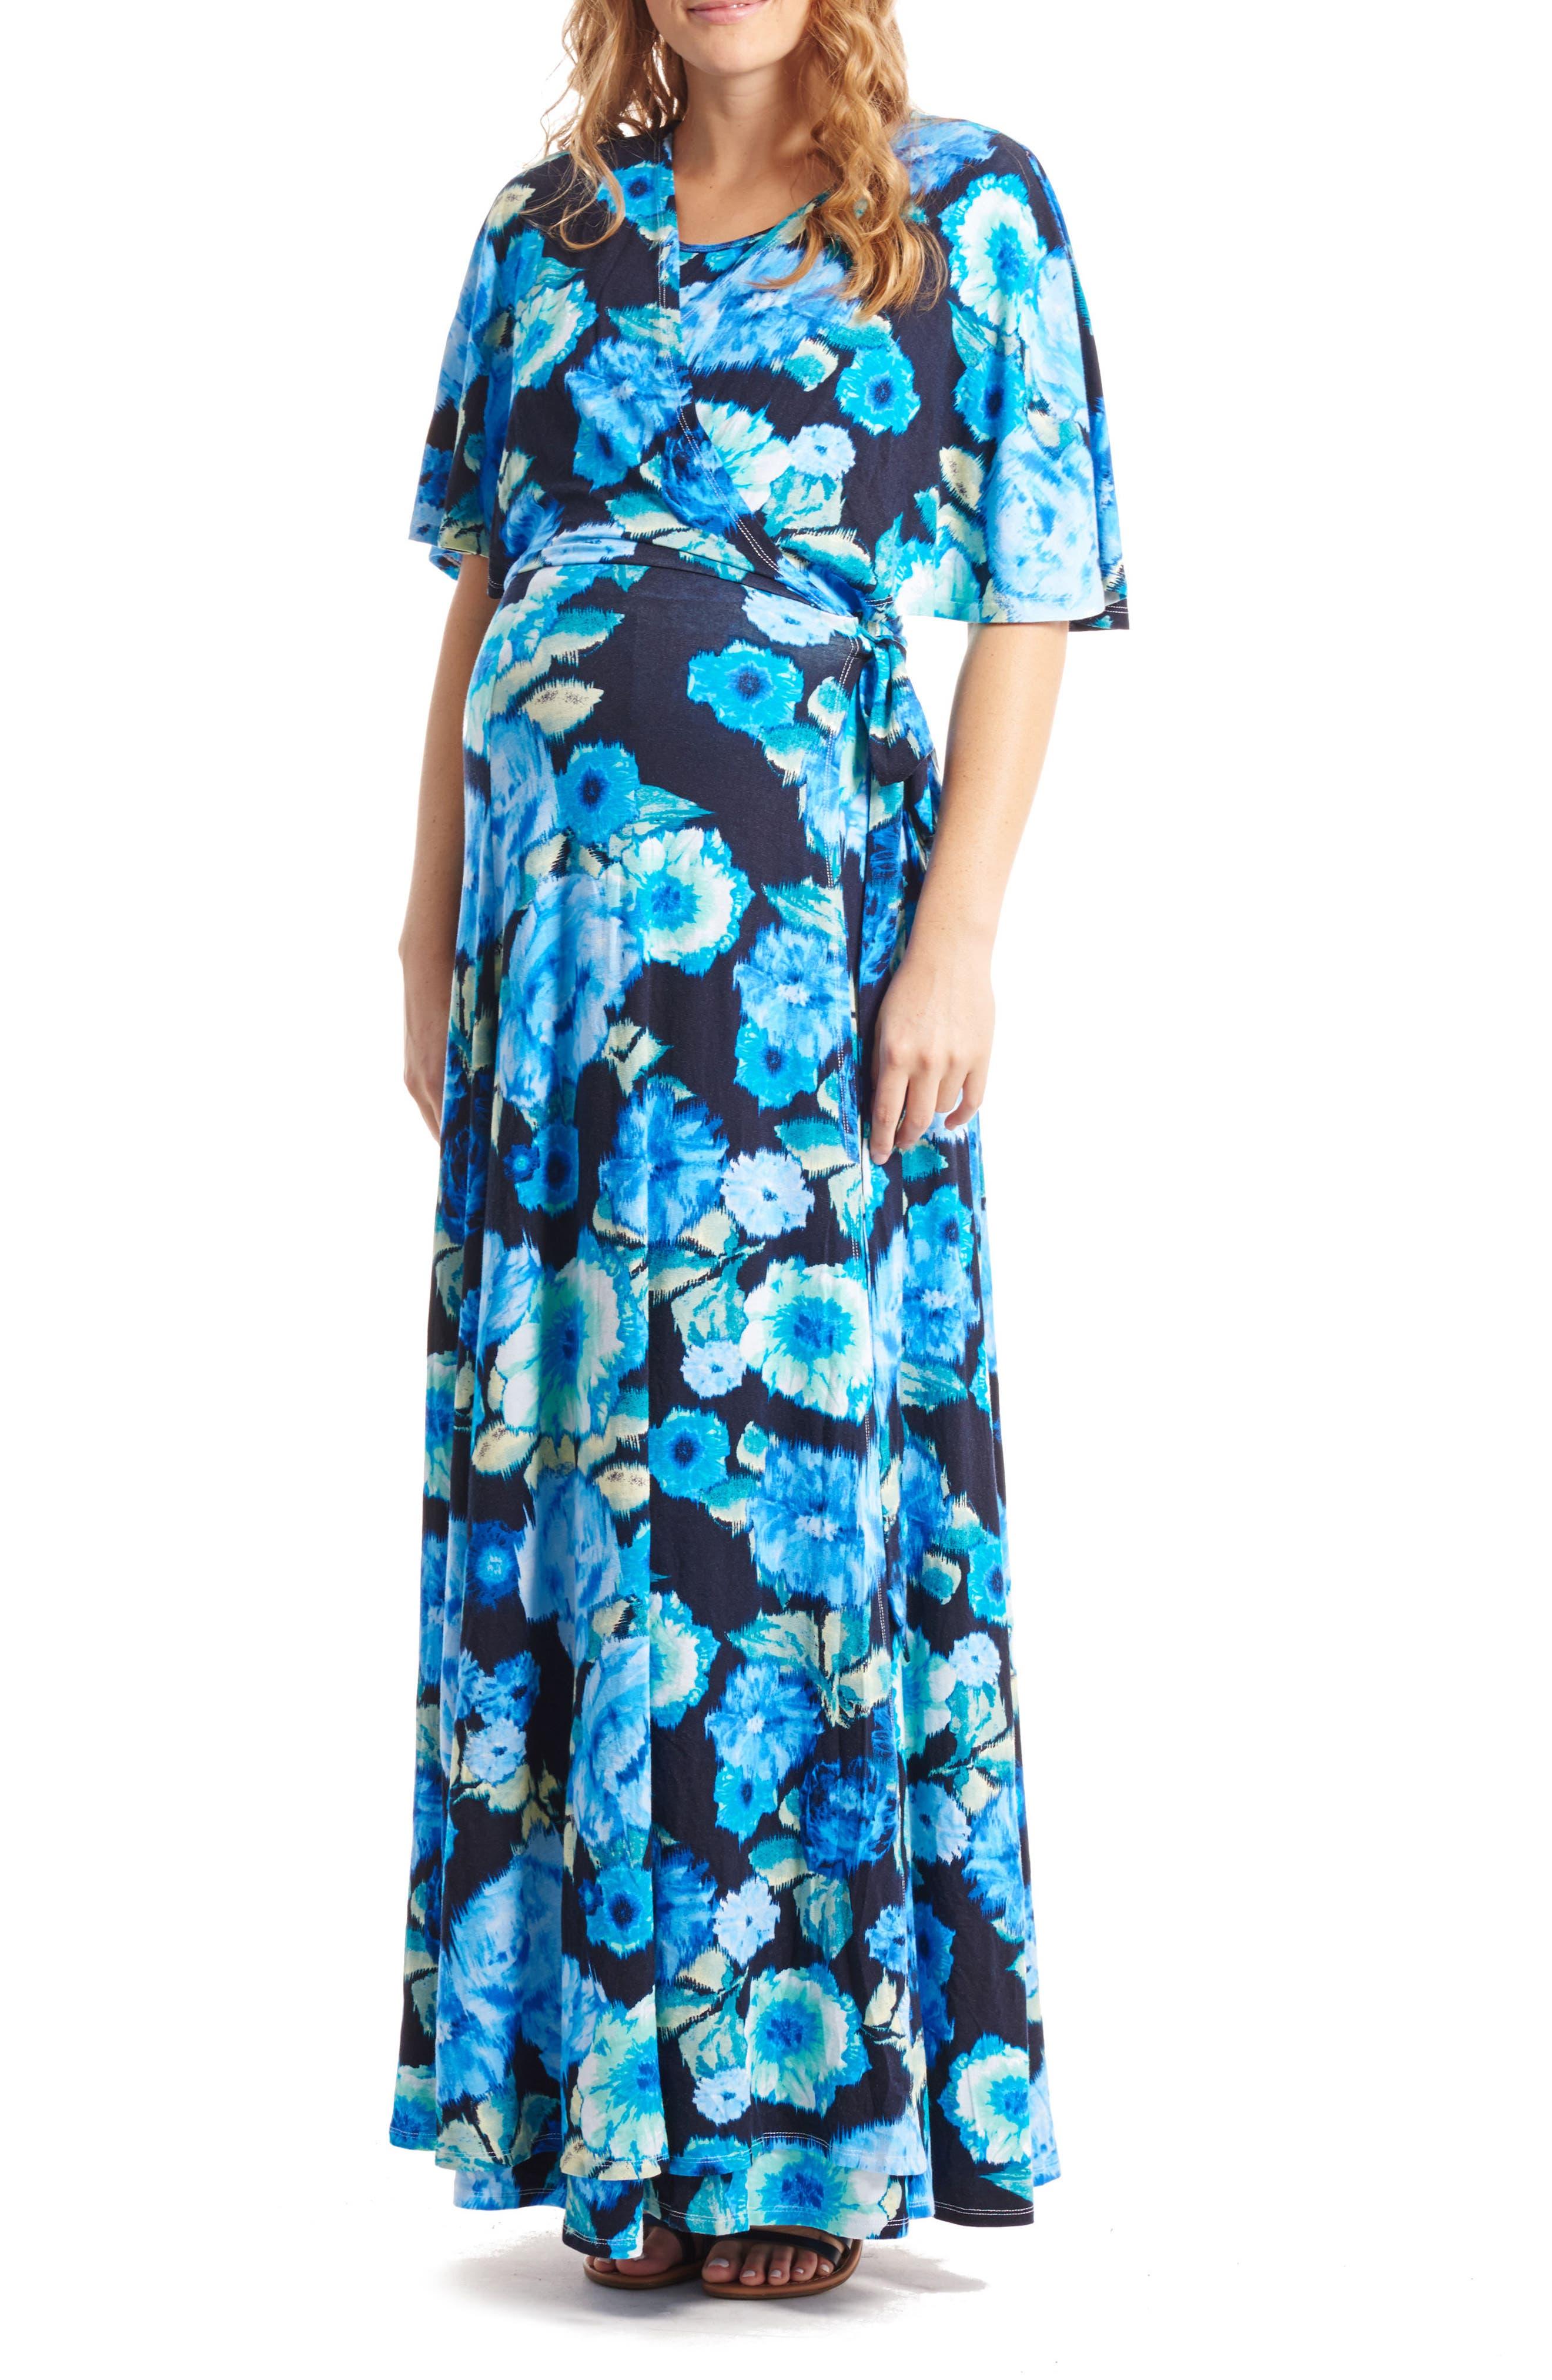 Asa Maternity/Nursing Maxi Wrap Dress,                             Main thumbnail 1, color,                             AQUA ROSE